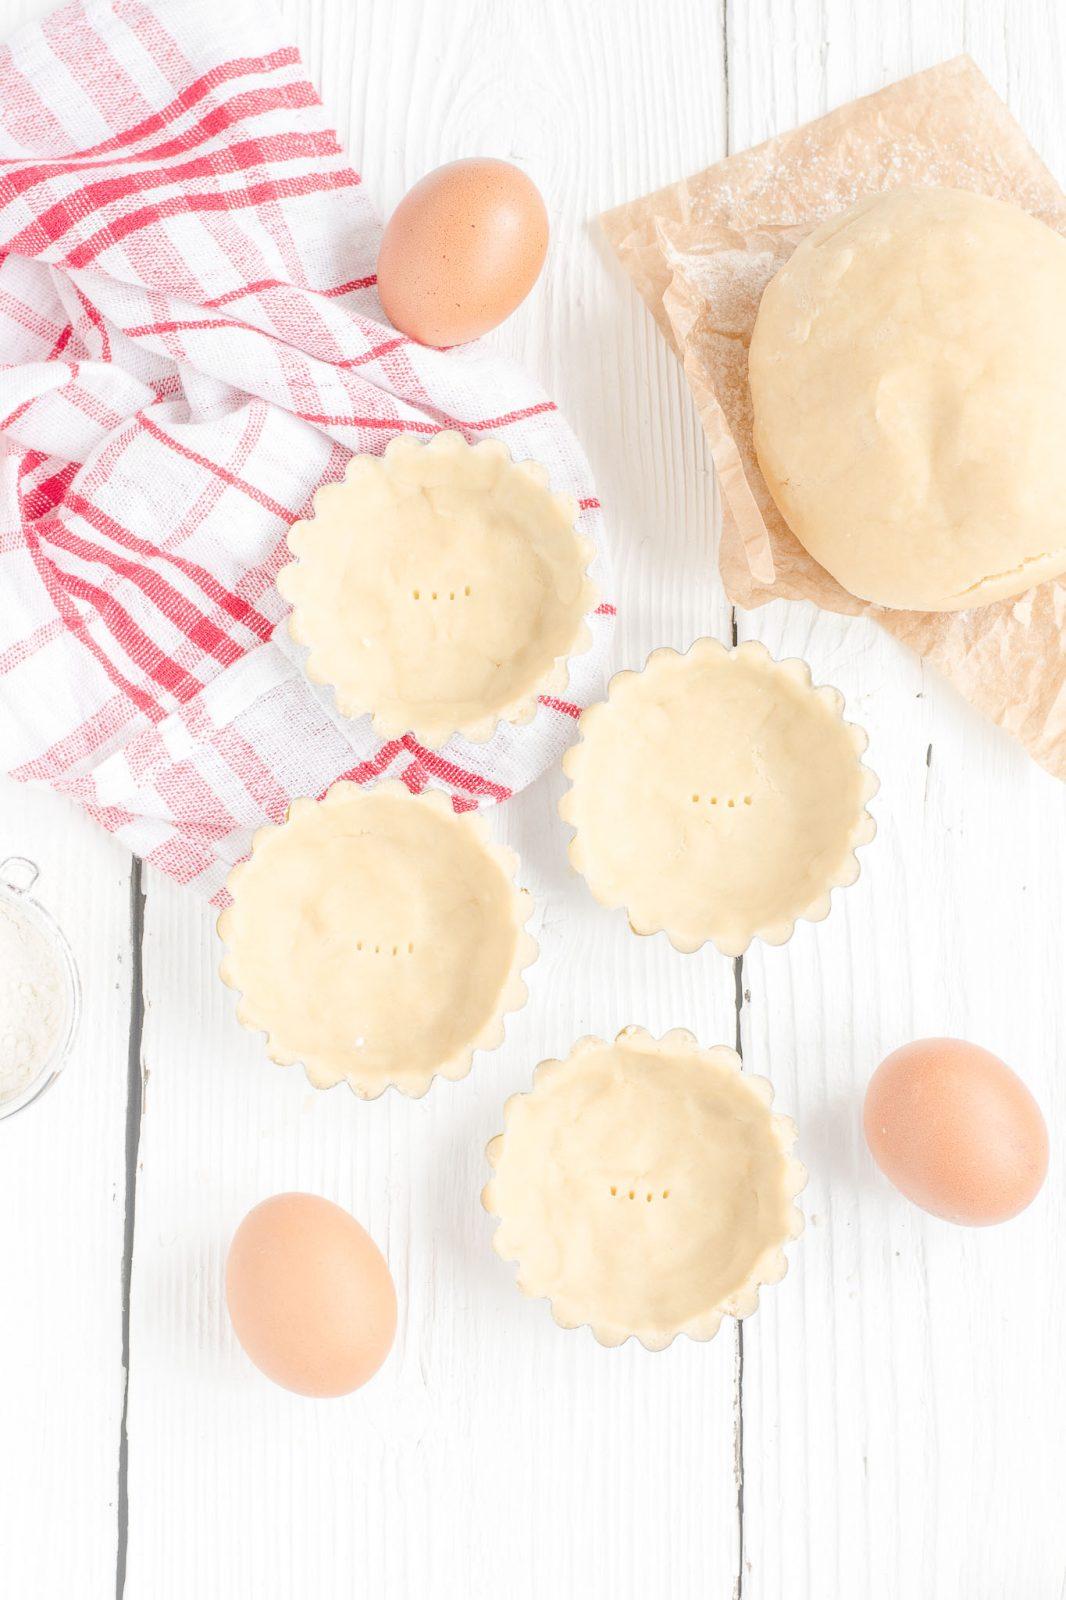 jak zrobić idealne kruche ciasto